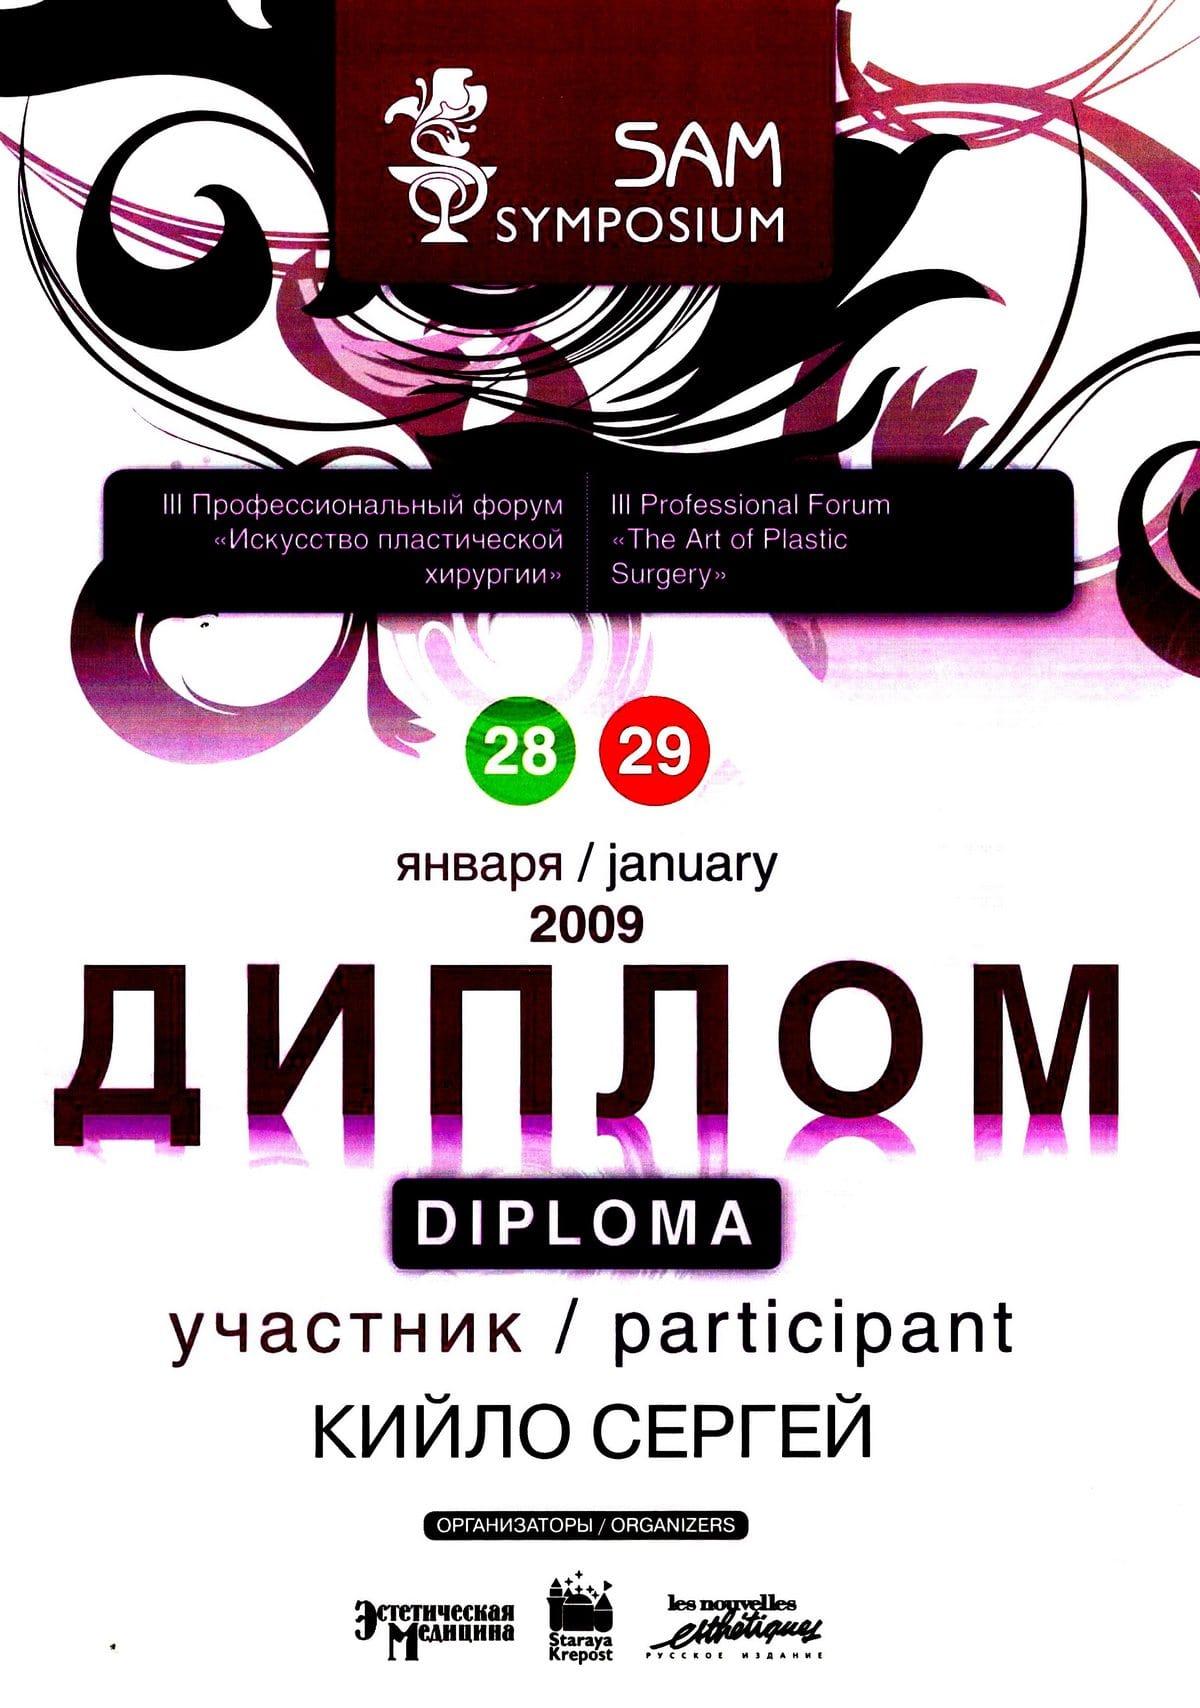 Документ №:39 Диплом пластического хирурга Кийло Сергея Алексеевича